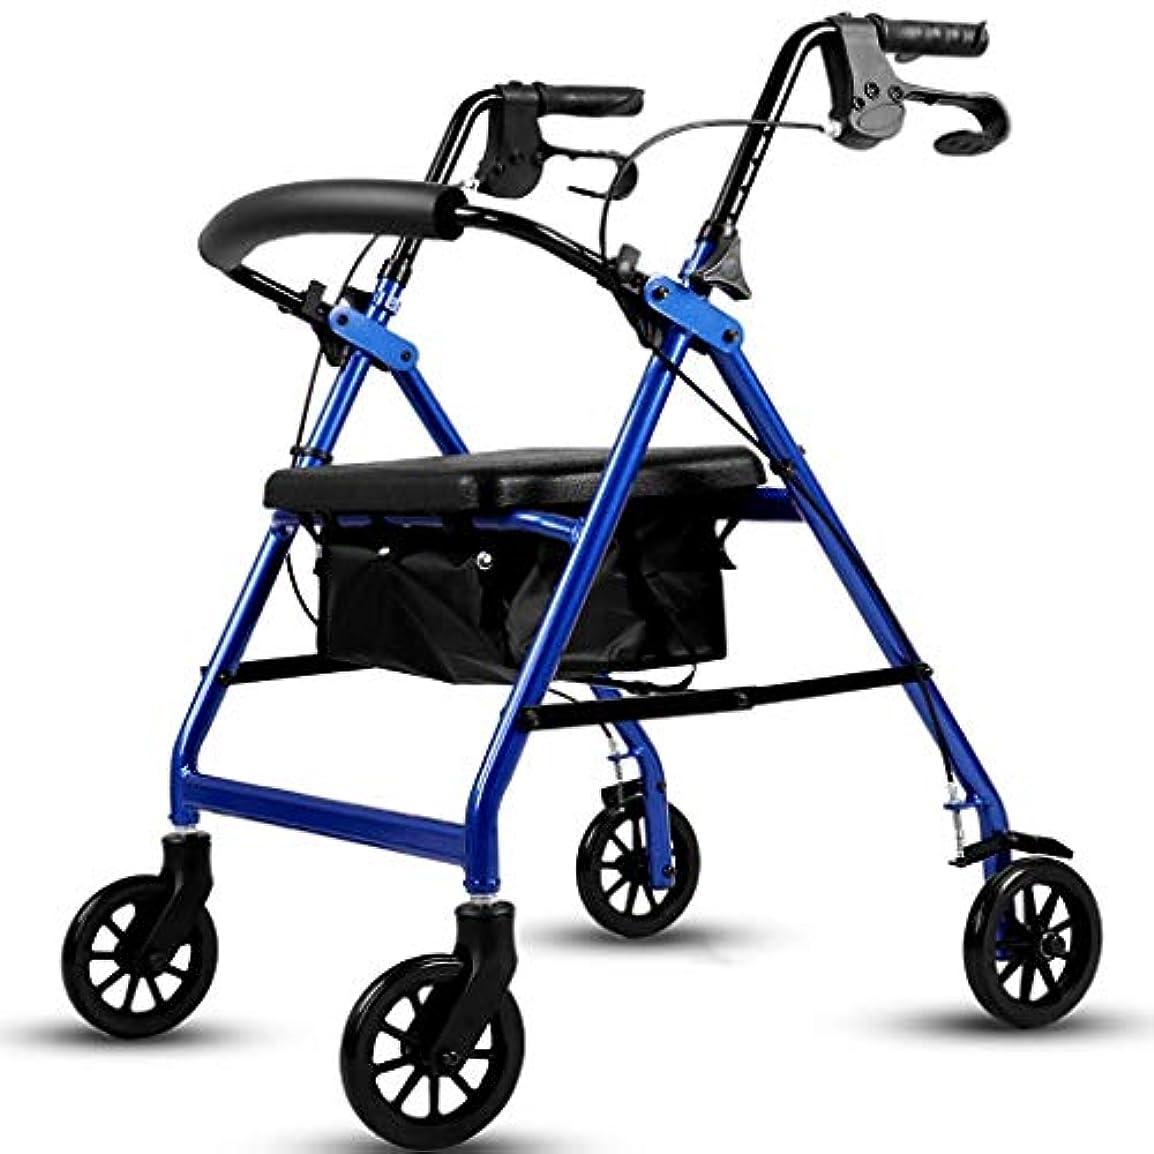 繁栄開梱不健全軽量ローリングウォーカー、パッド入りシートとバッグ付きアルミニウムローラー、コンパクト折りたたみデザインハンドブレーキ付きヘビーデューティーウォーカー